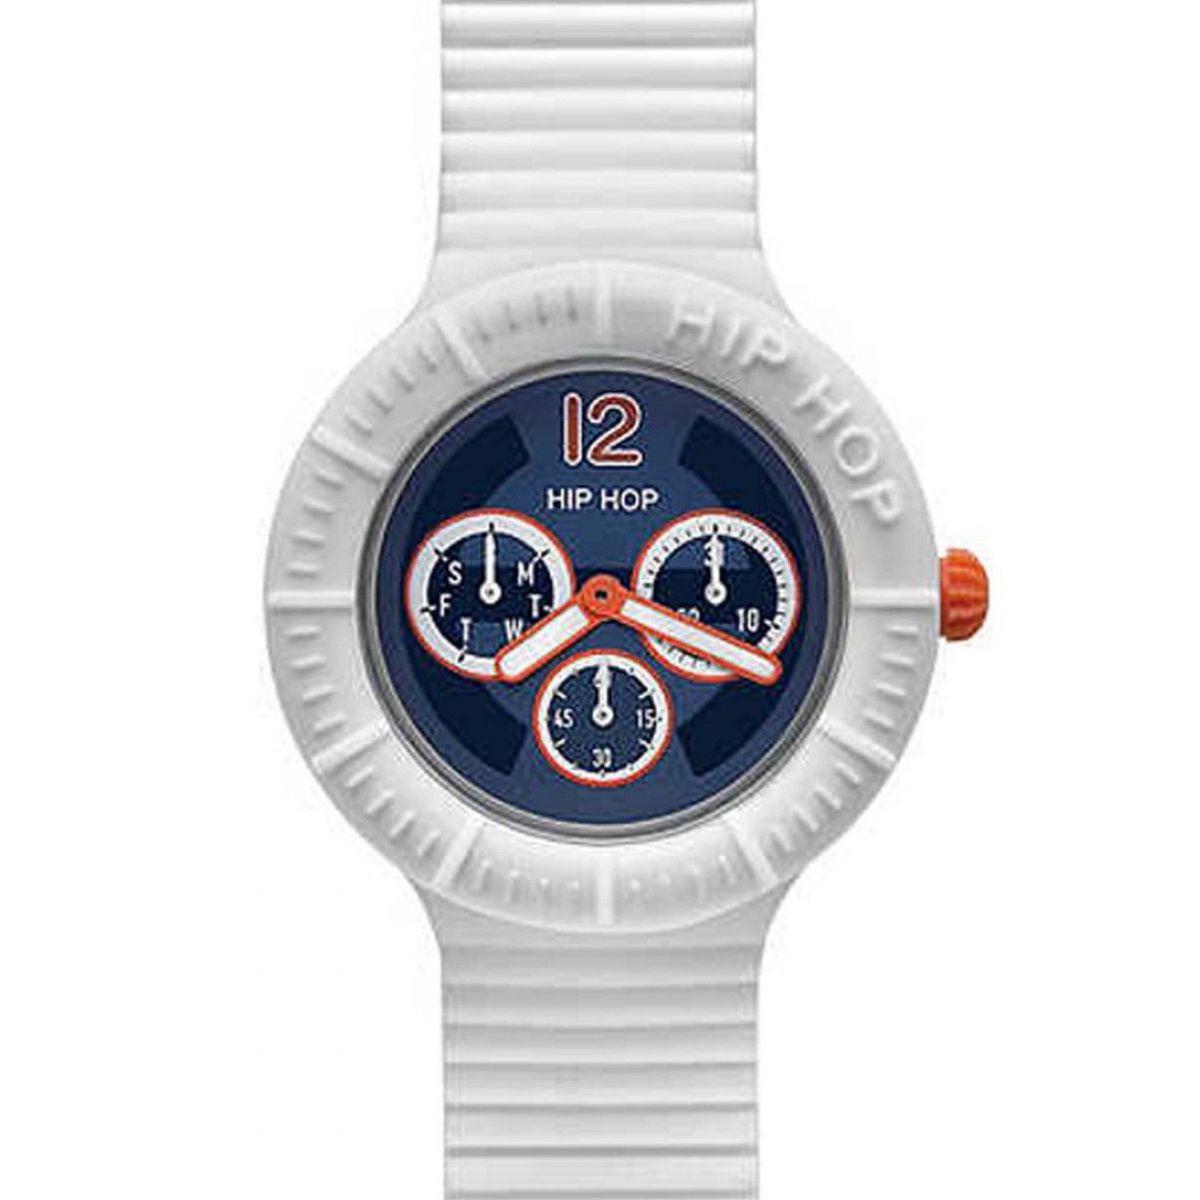 Orologio Hip Hop Sportsman Multifunzione HWU0180 da 42 mm Bianco